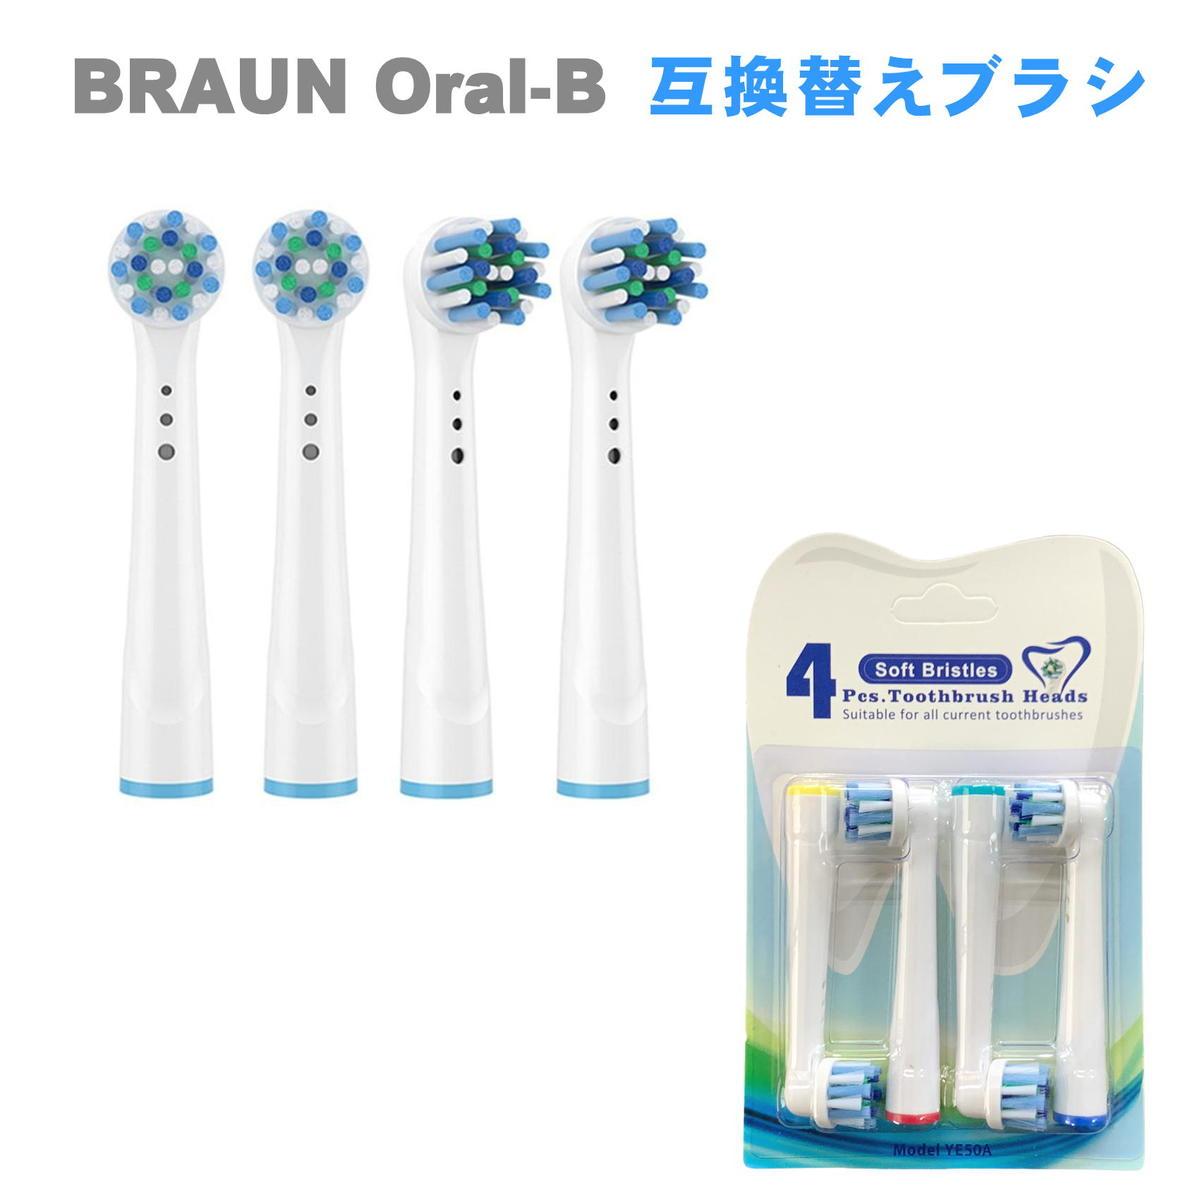 BRAUN Oral-B 互換ブラシ 送料無料 ブラウン 送料無料激安祭 オーラルB と互換性のある 替えブラシ EB50 互換 電動歯ブラシ NEW 4本セット マルチアクション YE50A 互換替えブラシ